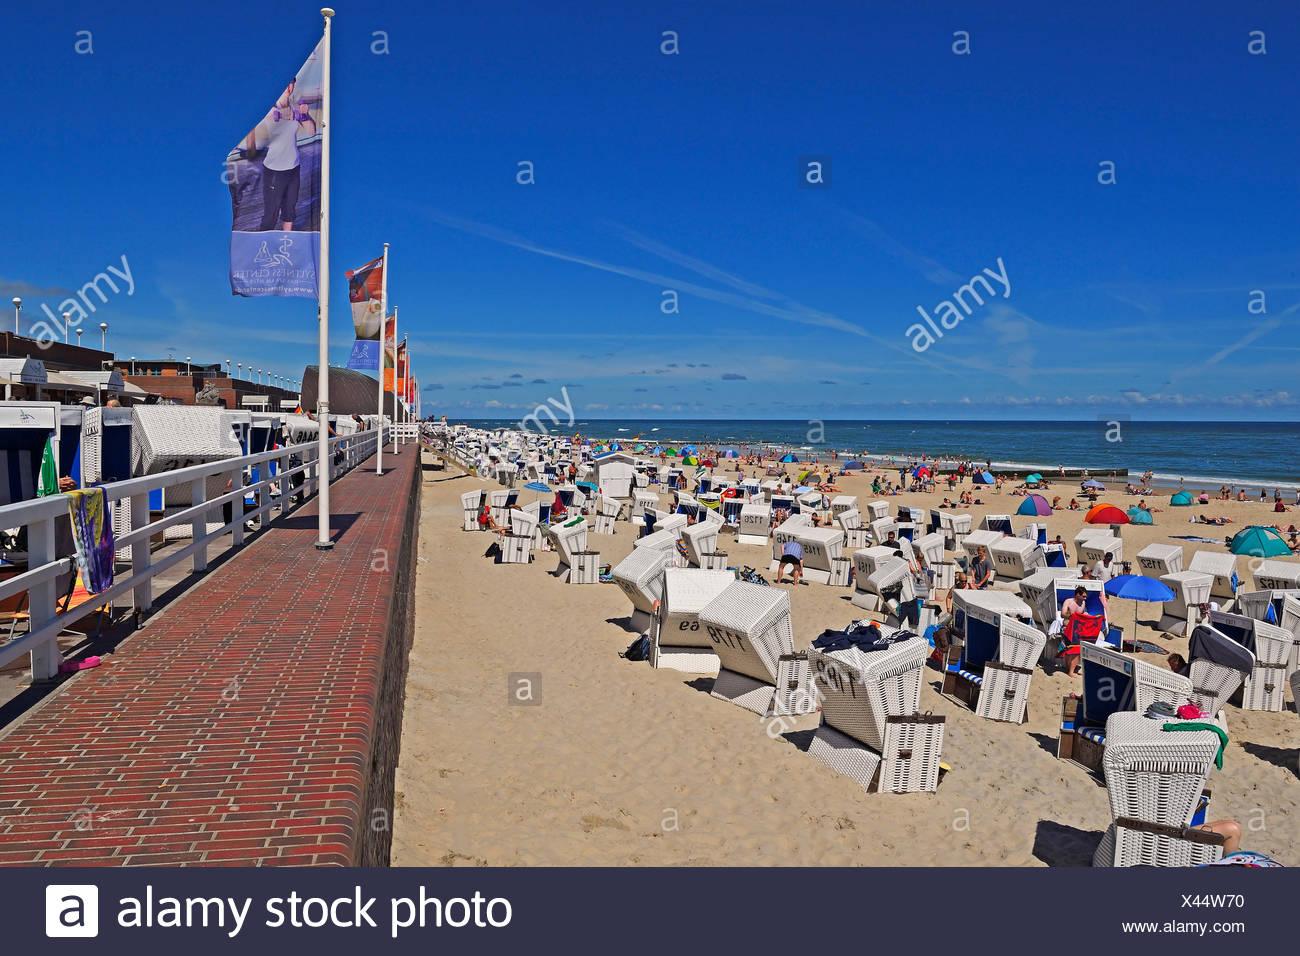 Touristen und Strandkoerbe am Hauptstrand von Westerland, Sylt, nordfriesische Inseln, Nordfriesland, Schleswig-Holstein, Deutschland - Stock Image